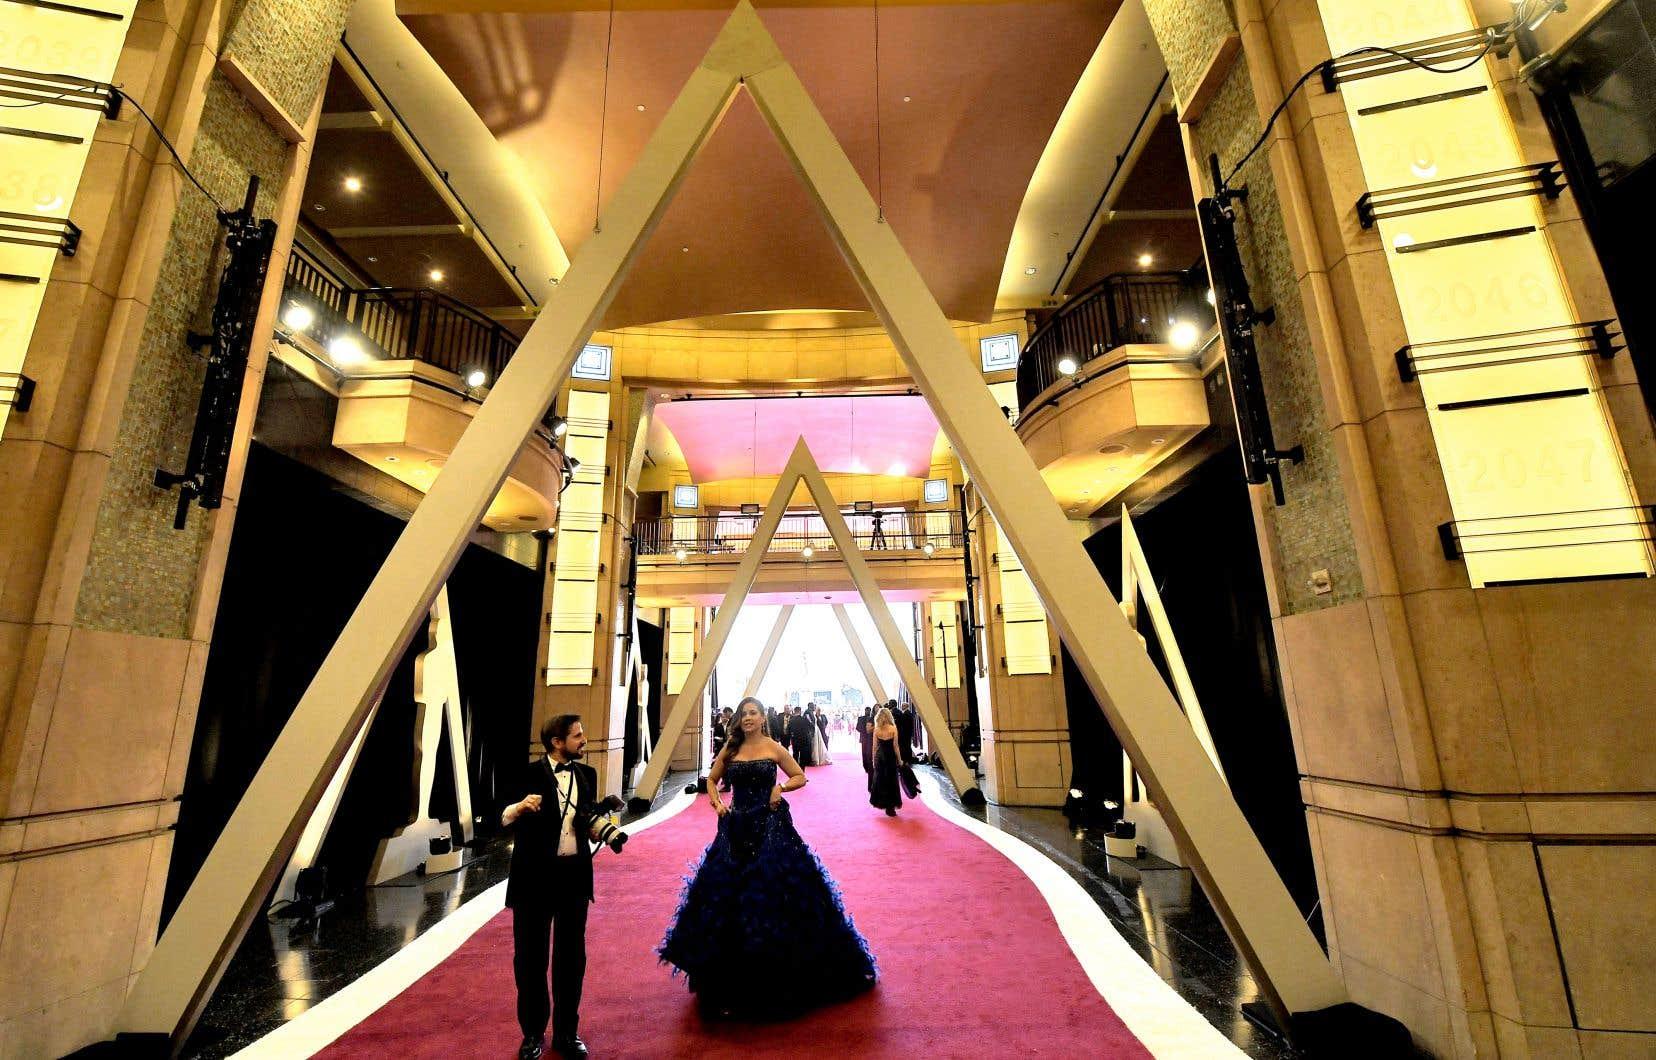 L'Académie des arts et sciences du cinéma remet au total 24 statuettes dorées.